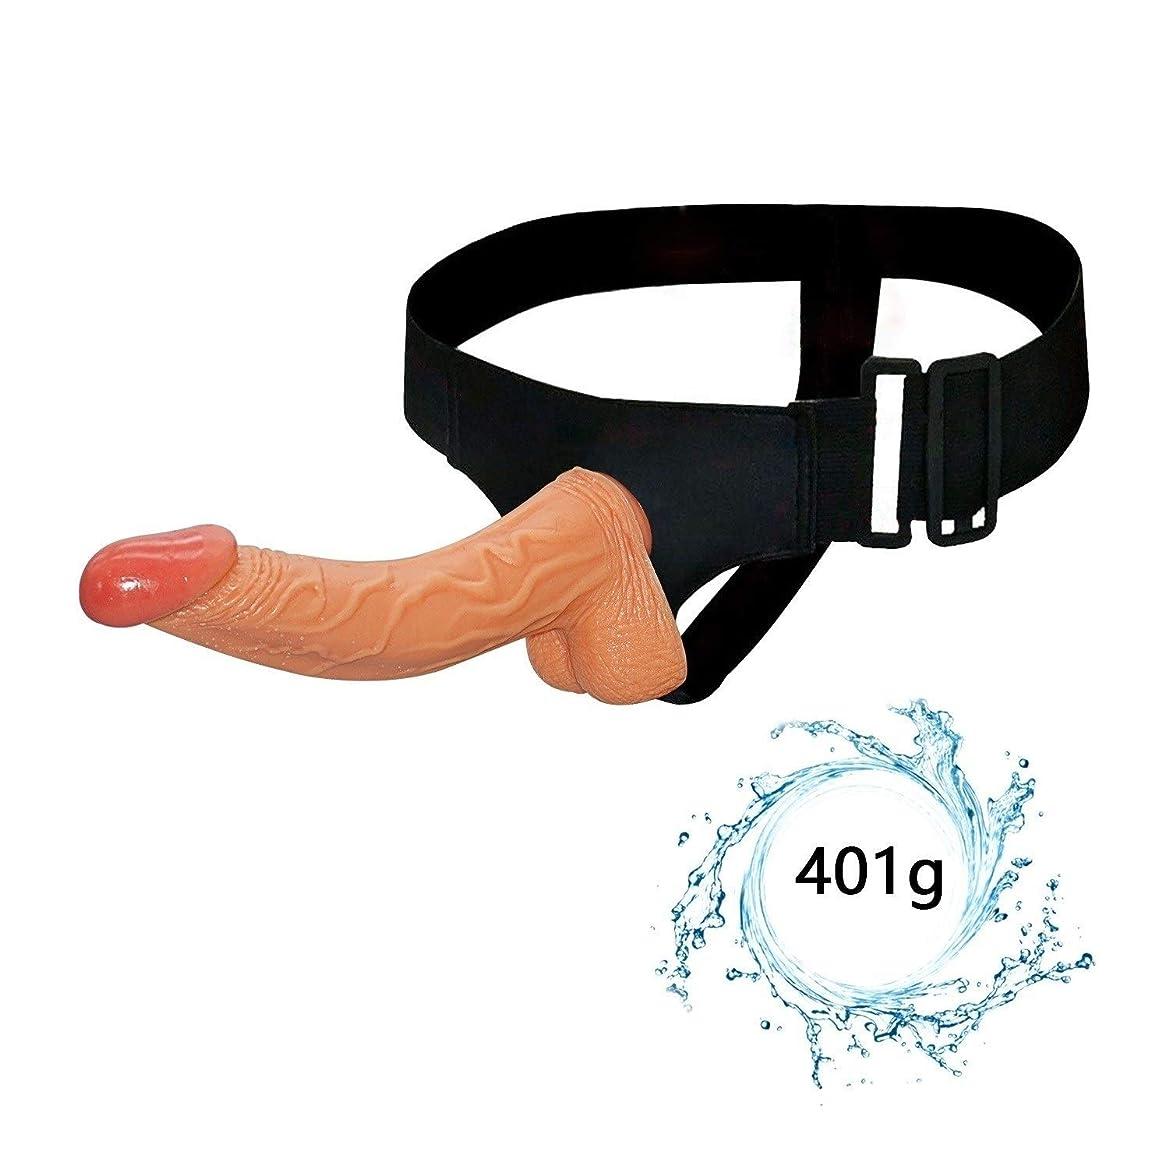 追加するアテンダント振り子マッサージ、ハンドフリーマッサージツール9インチ防水両面ボディマッサージのおもちゃ男性の代替パンツシリコーンディド